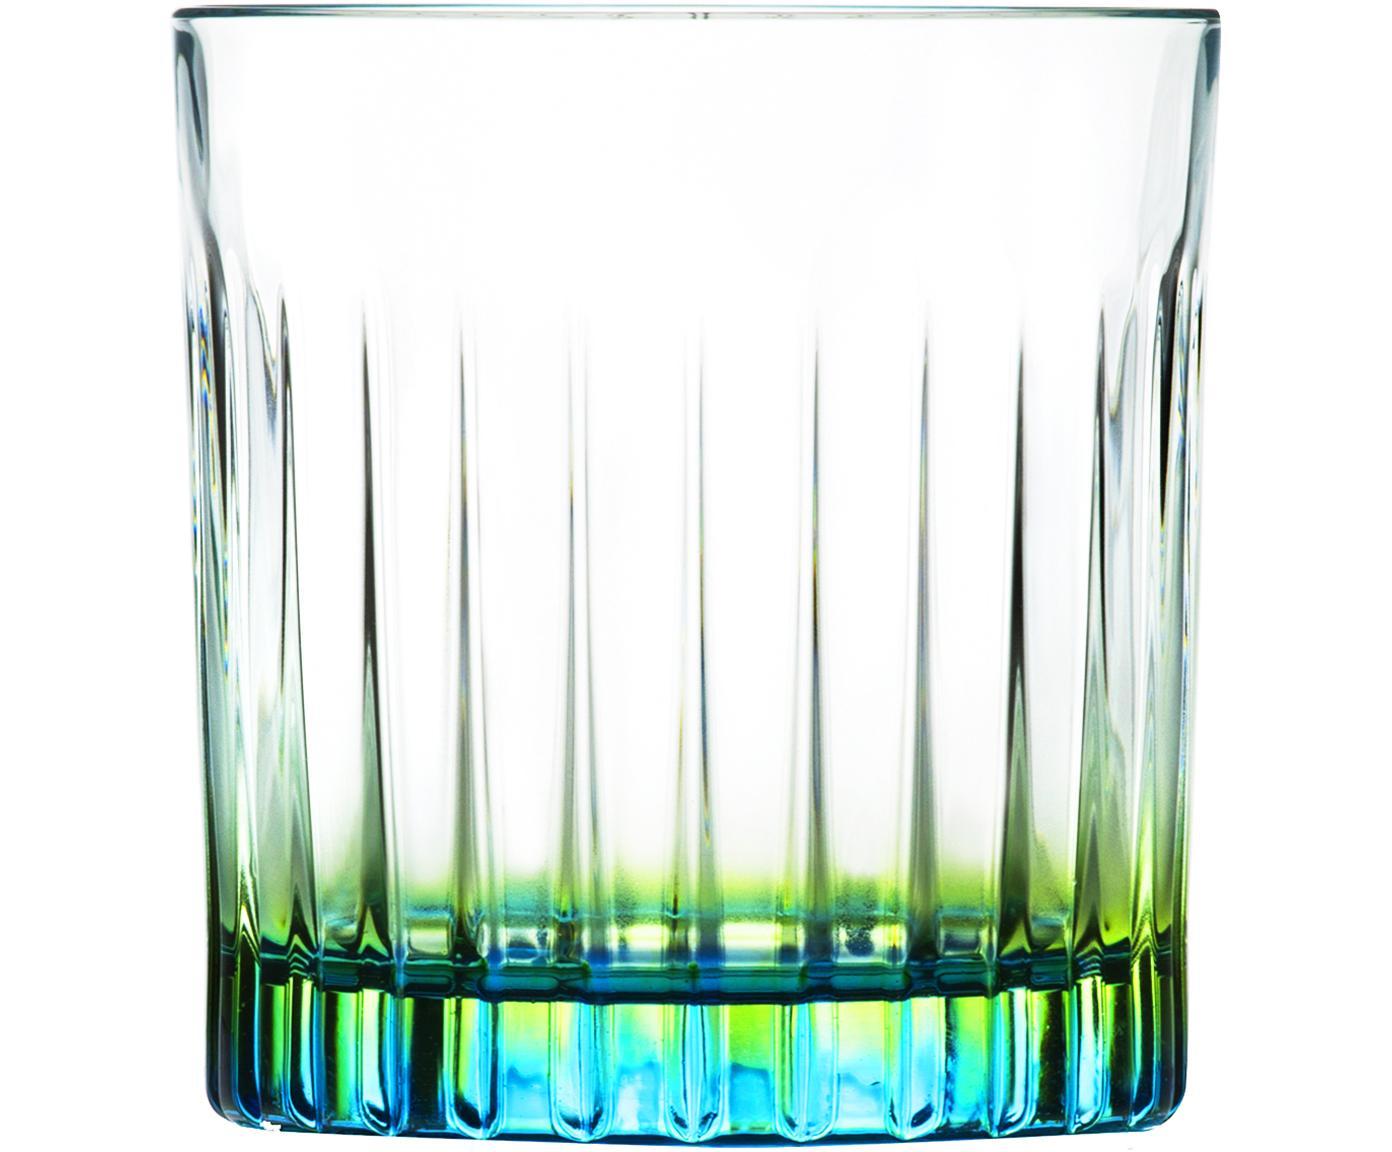 Bicchieri in cristallo Gipsy 6 pz, Cristallo Luxion, Trasparente, verde giallo, turchese, Ø 8 x Alt. 9 cm